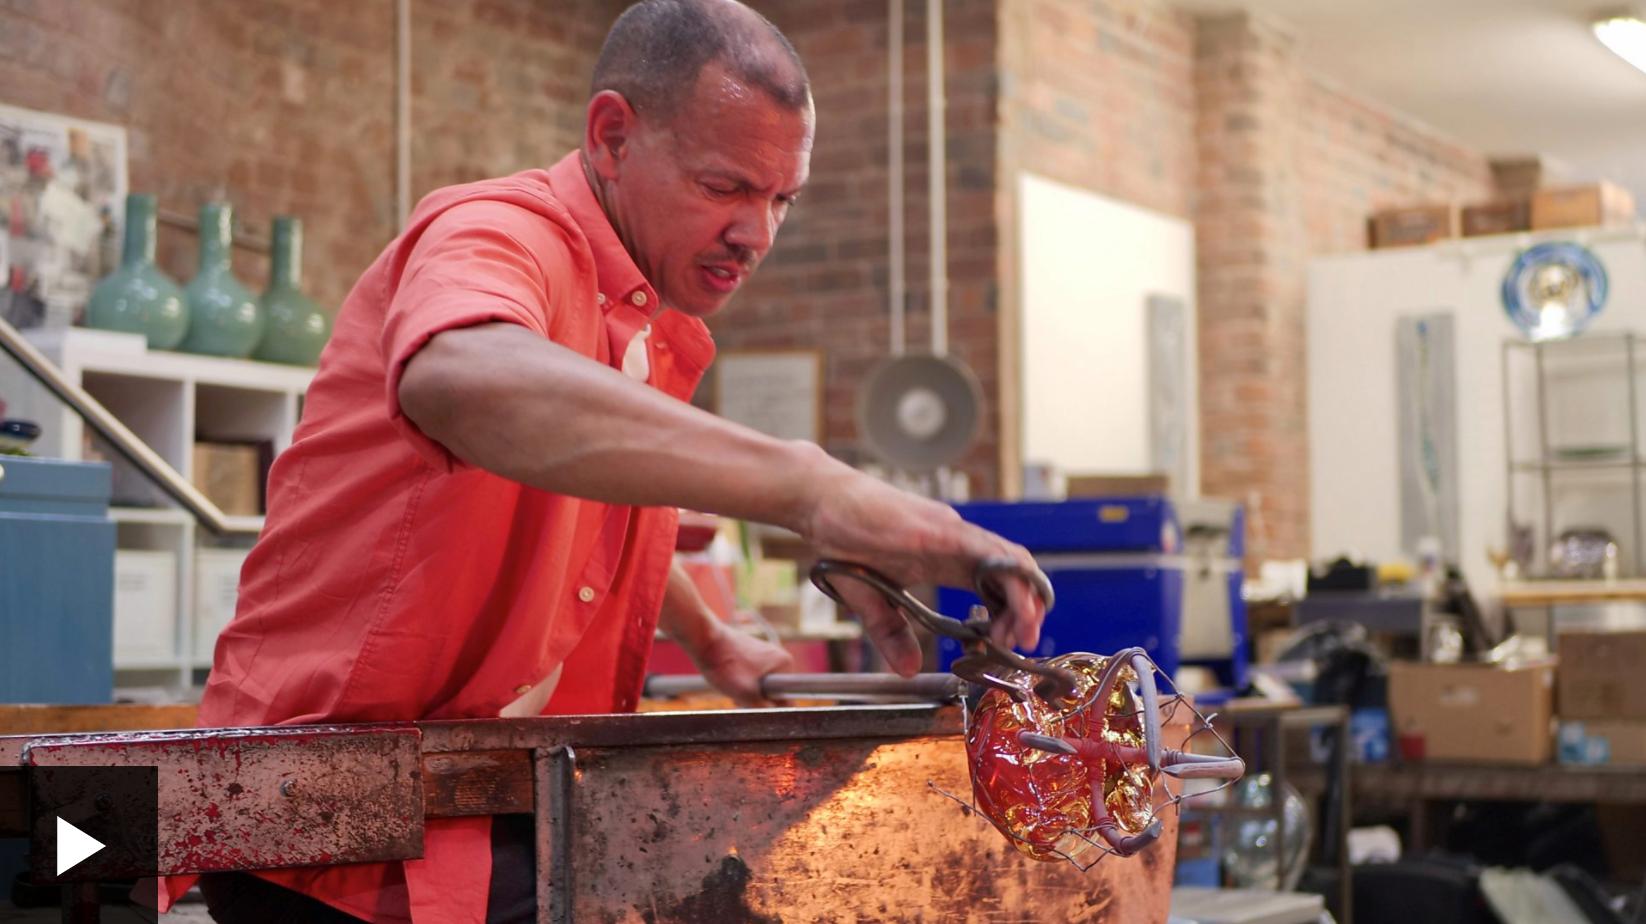 artist chris day making blown glass sculpture in workshop